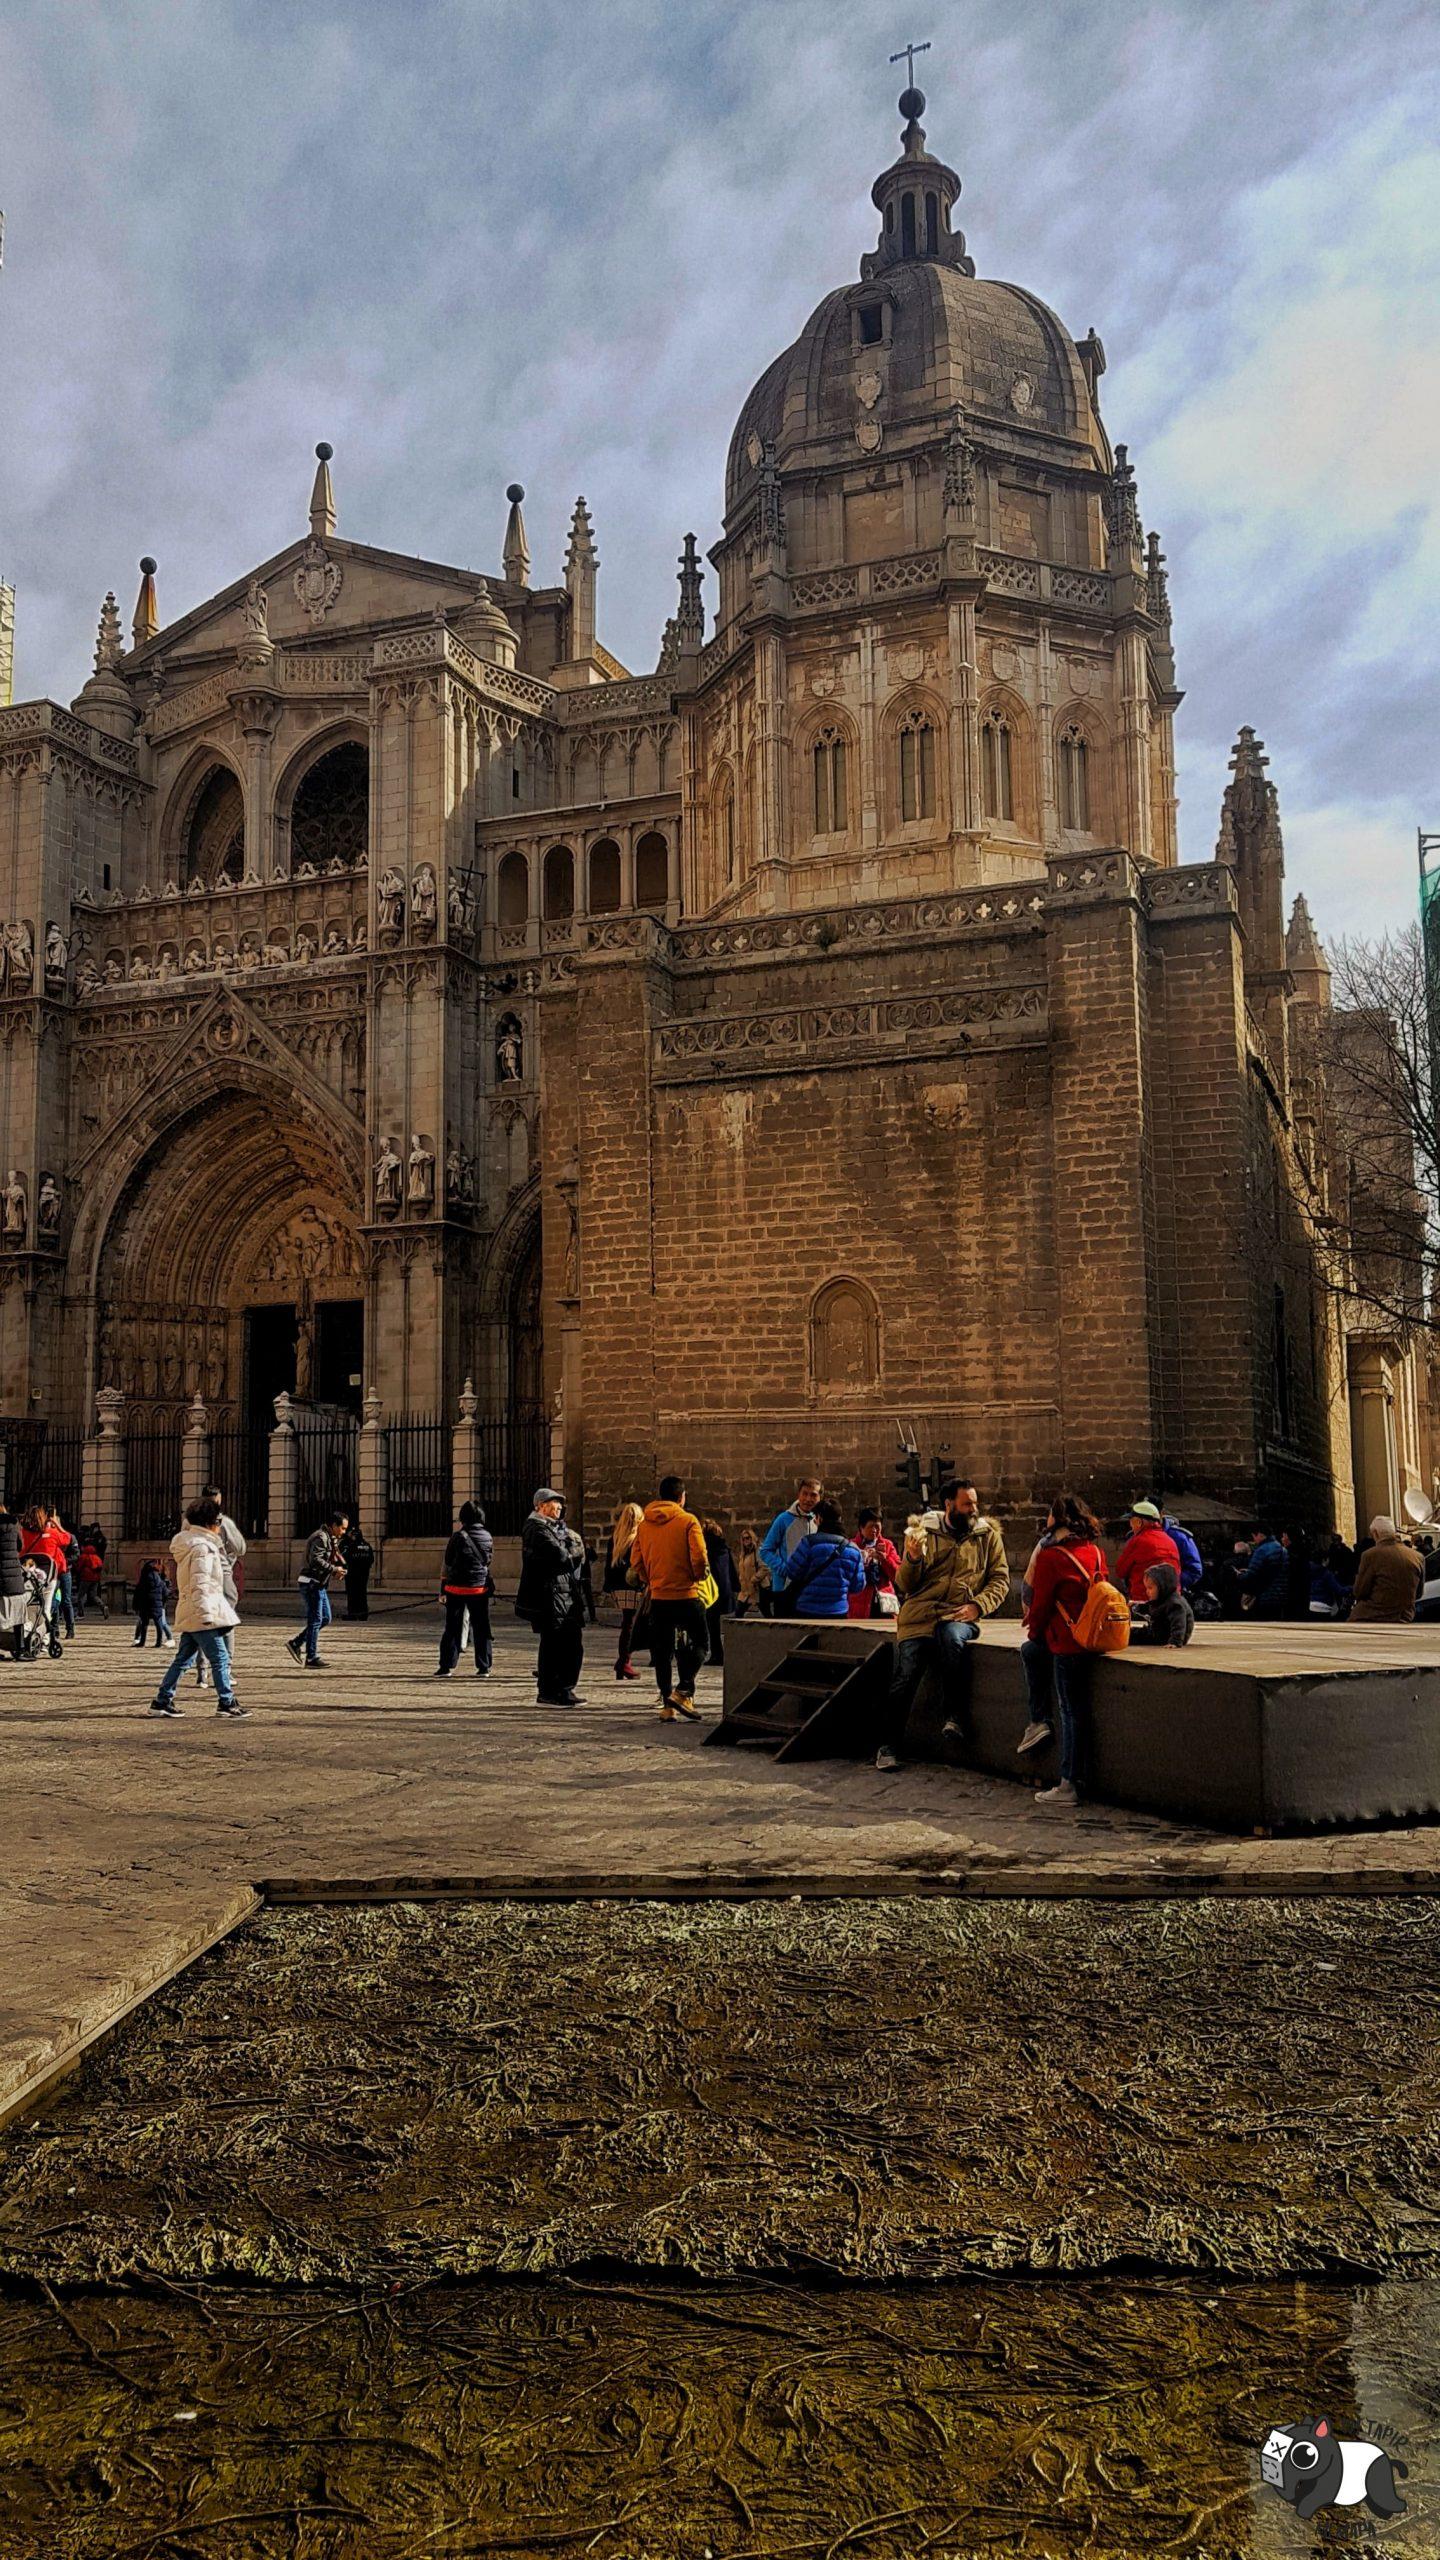 Vista de la fachada de la Catedral de Toledo y la fuente que se llena con agua del Tajo